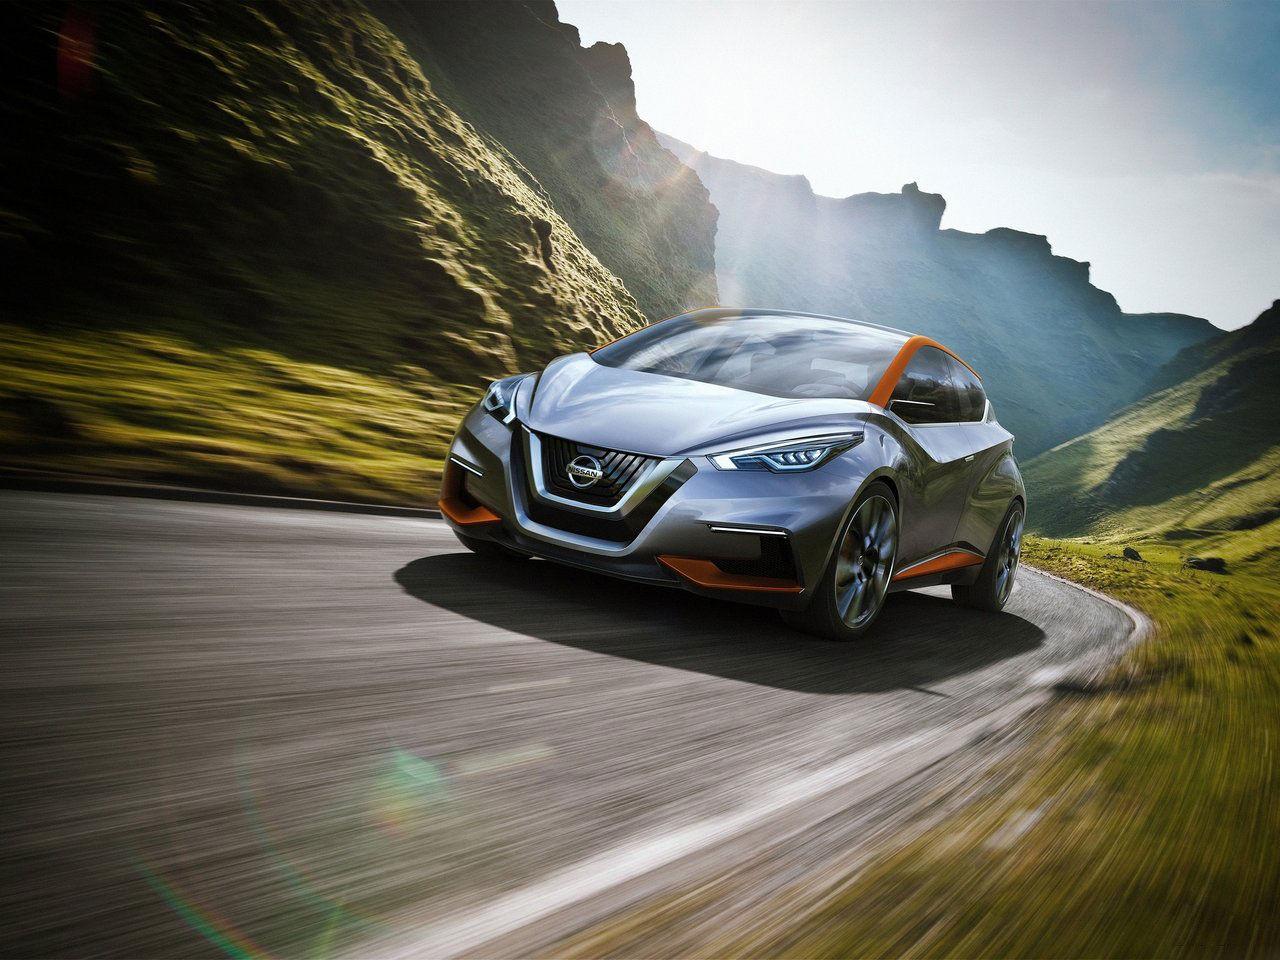 Det här är Nissans nya konceptbil Sway